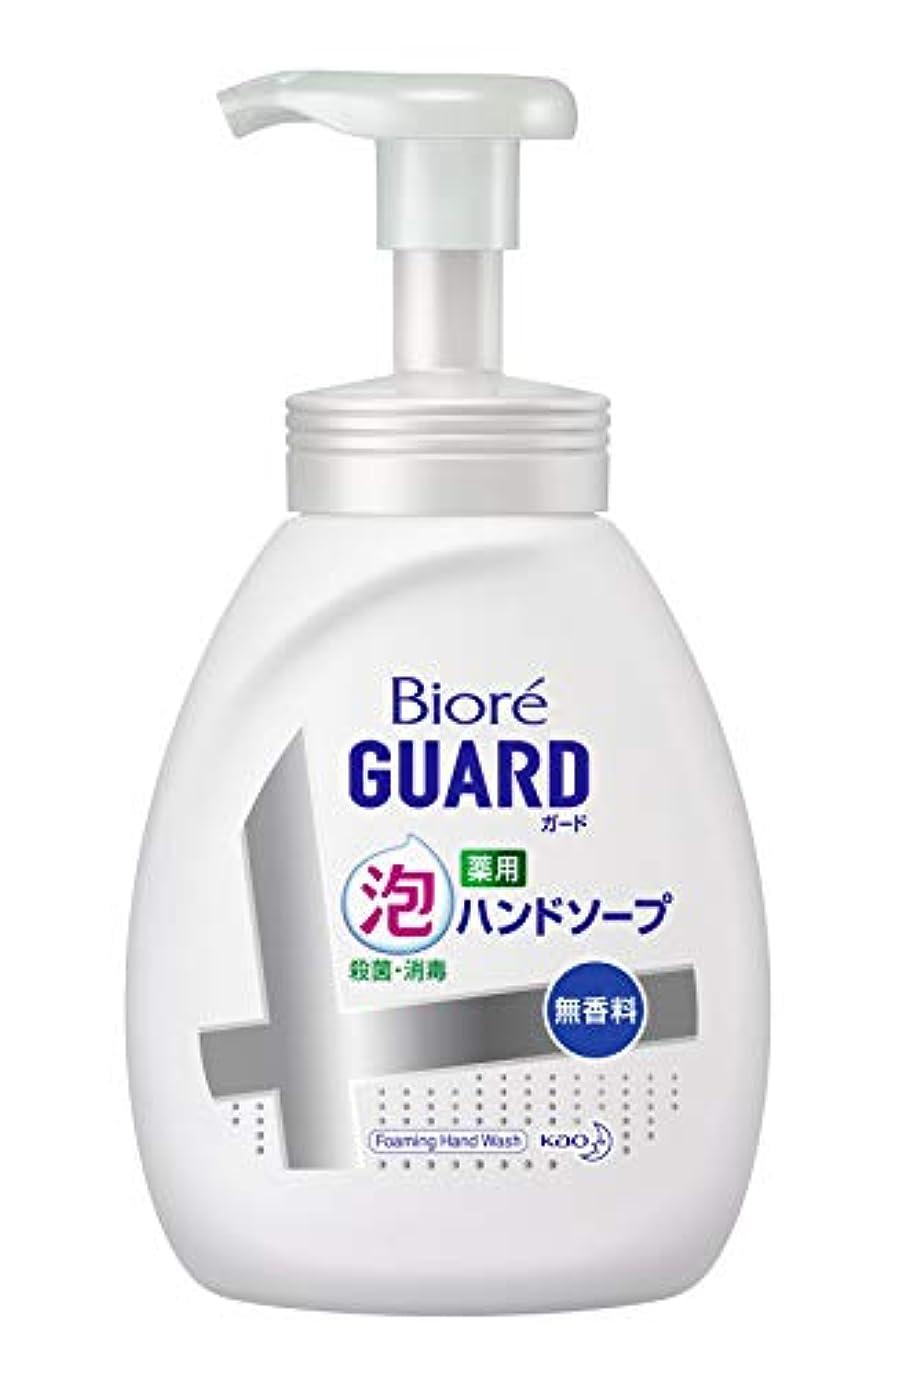 砲撃櫛弓【大容量】 ビオレガード薬用泡ハンドソープ 無香料 ポンプ 500ml